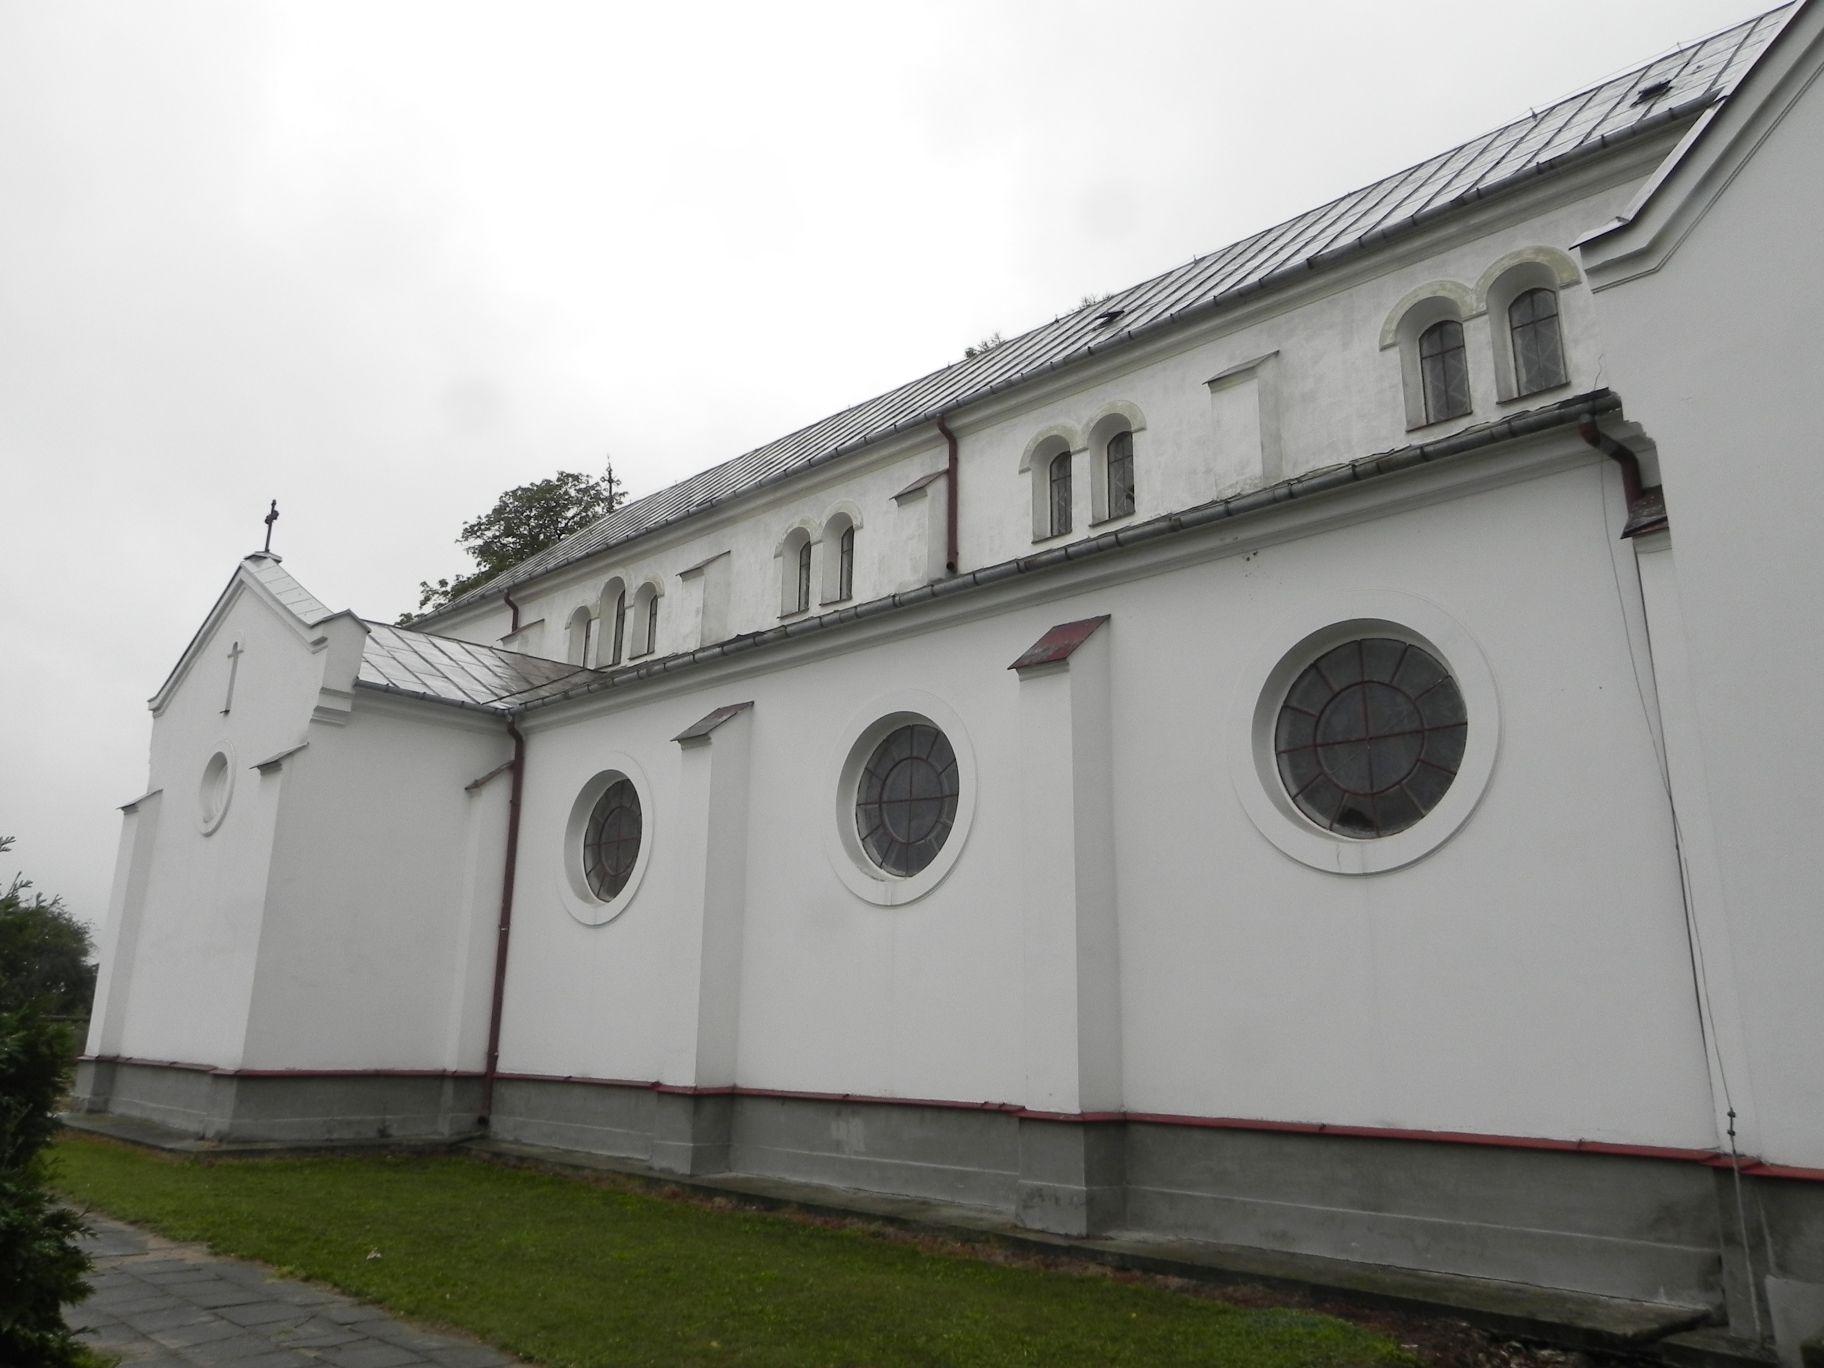 2012-08-16 Sadkowice - dożynki (5)